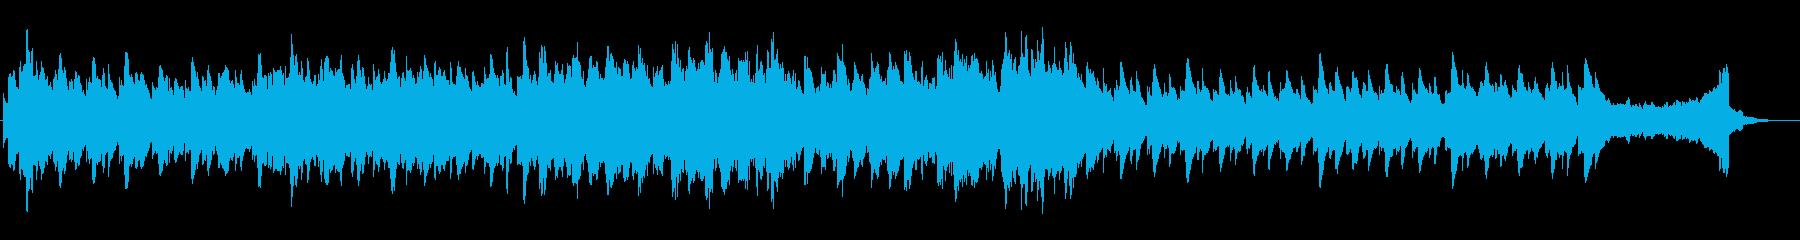 5幻想的な夜の風景 プラネタリウムに最適の再生済みの波形